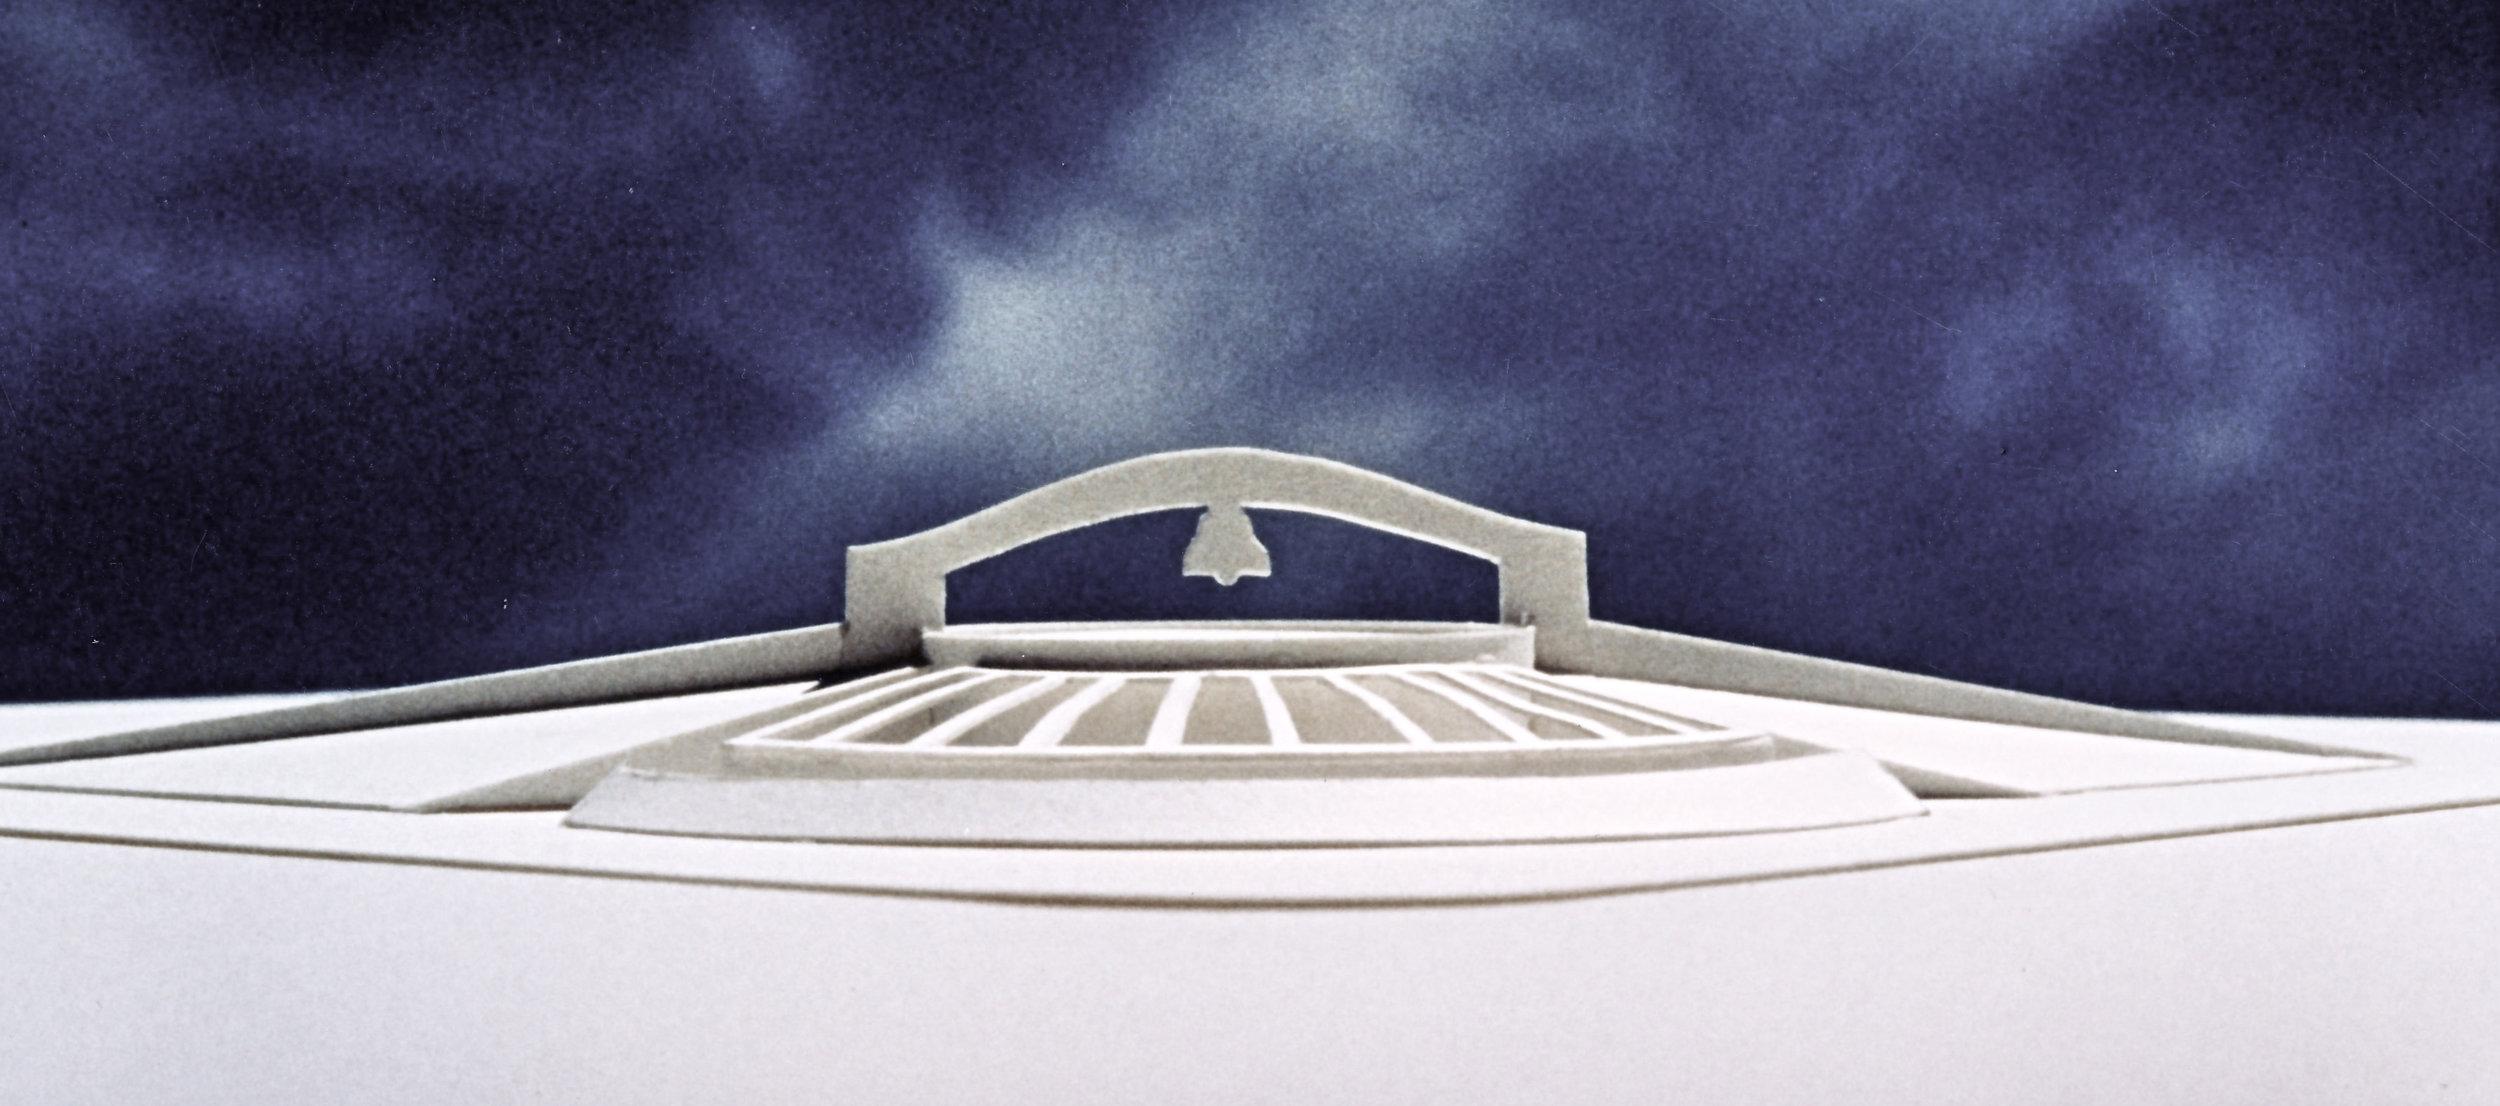 Taco Bell Rest Model Sky.jpg